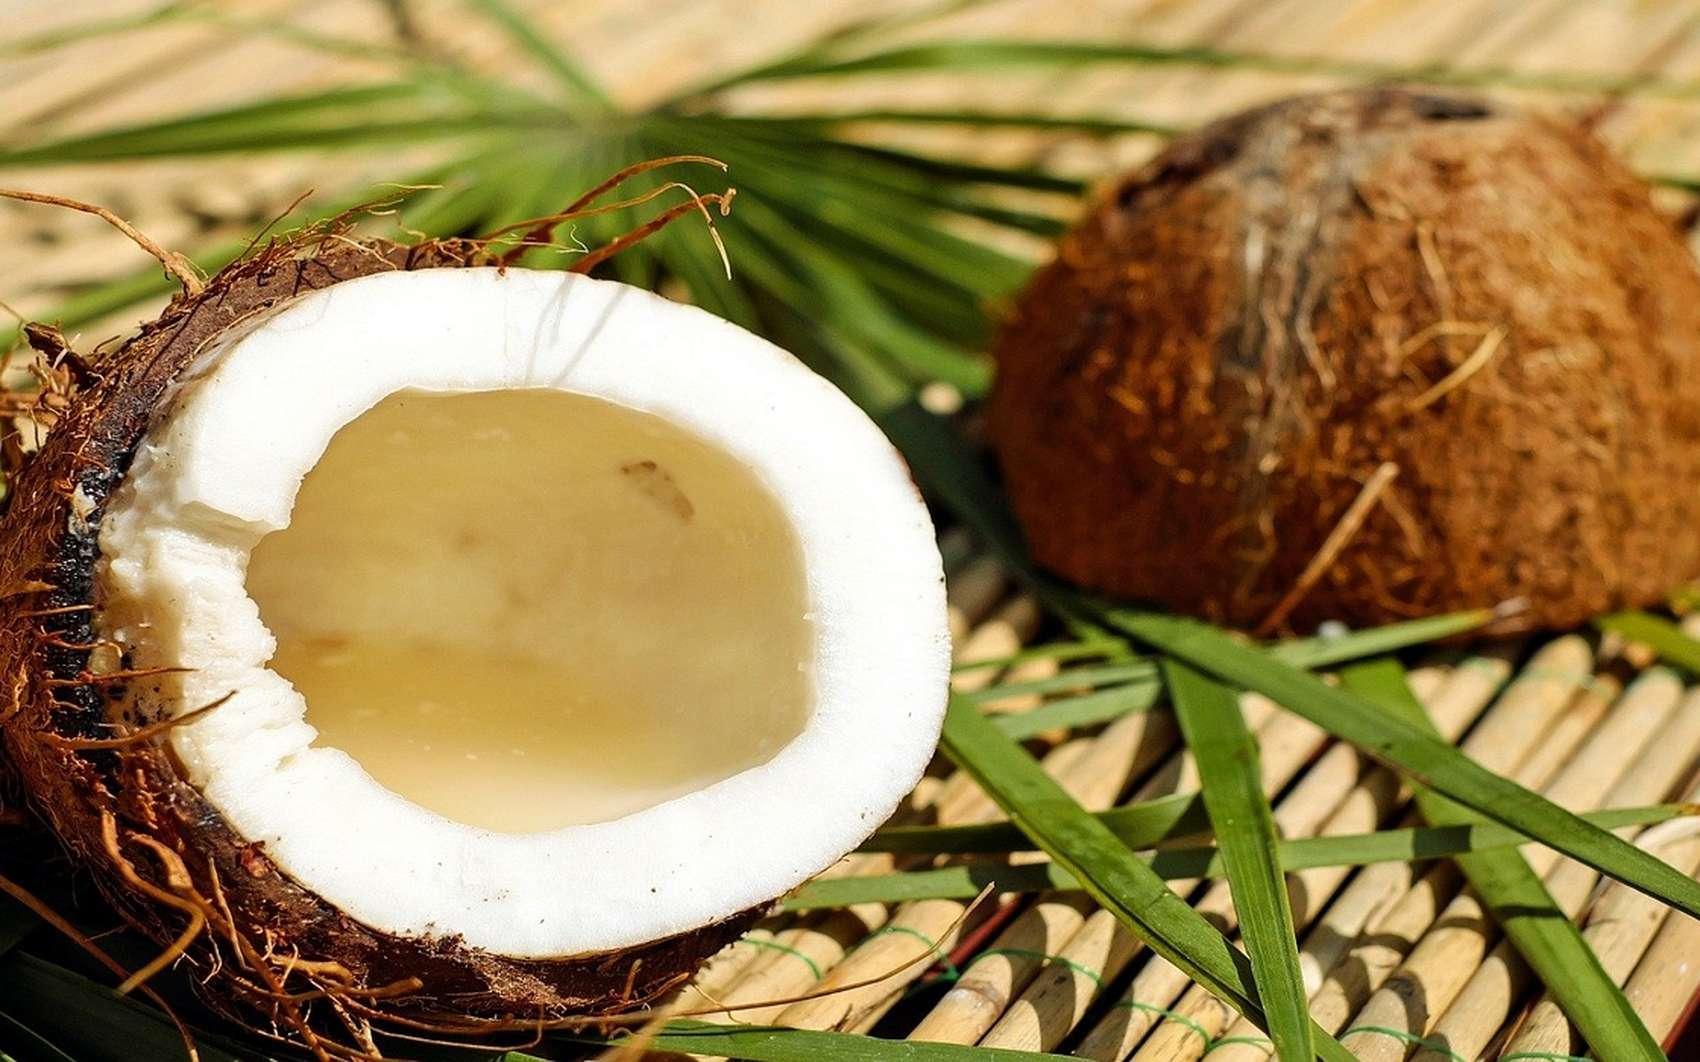 Les manières d'utiliser l'huile de coco. © couleur, Pixabay